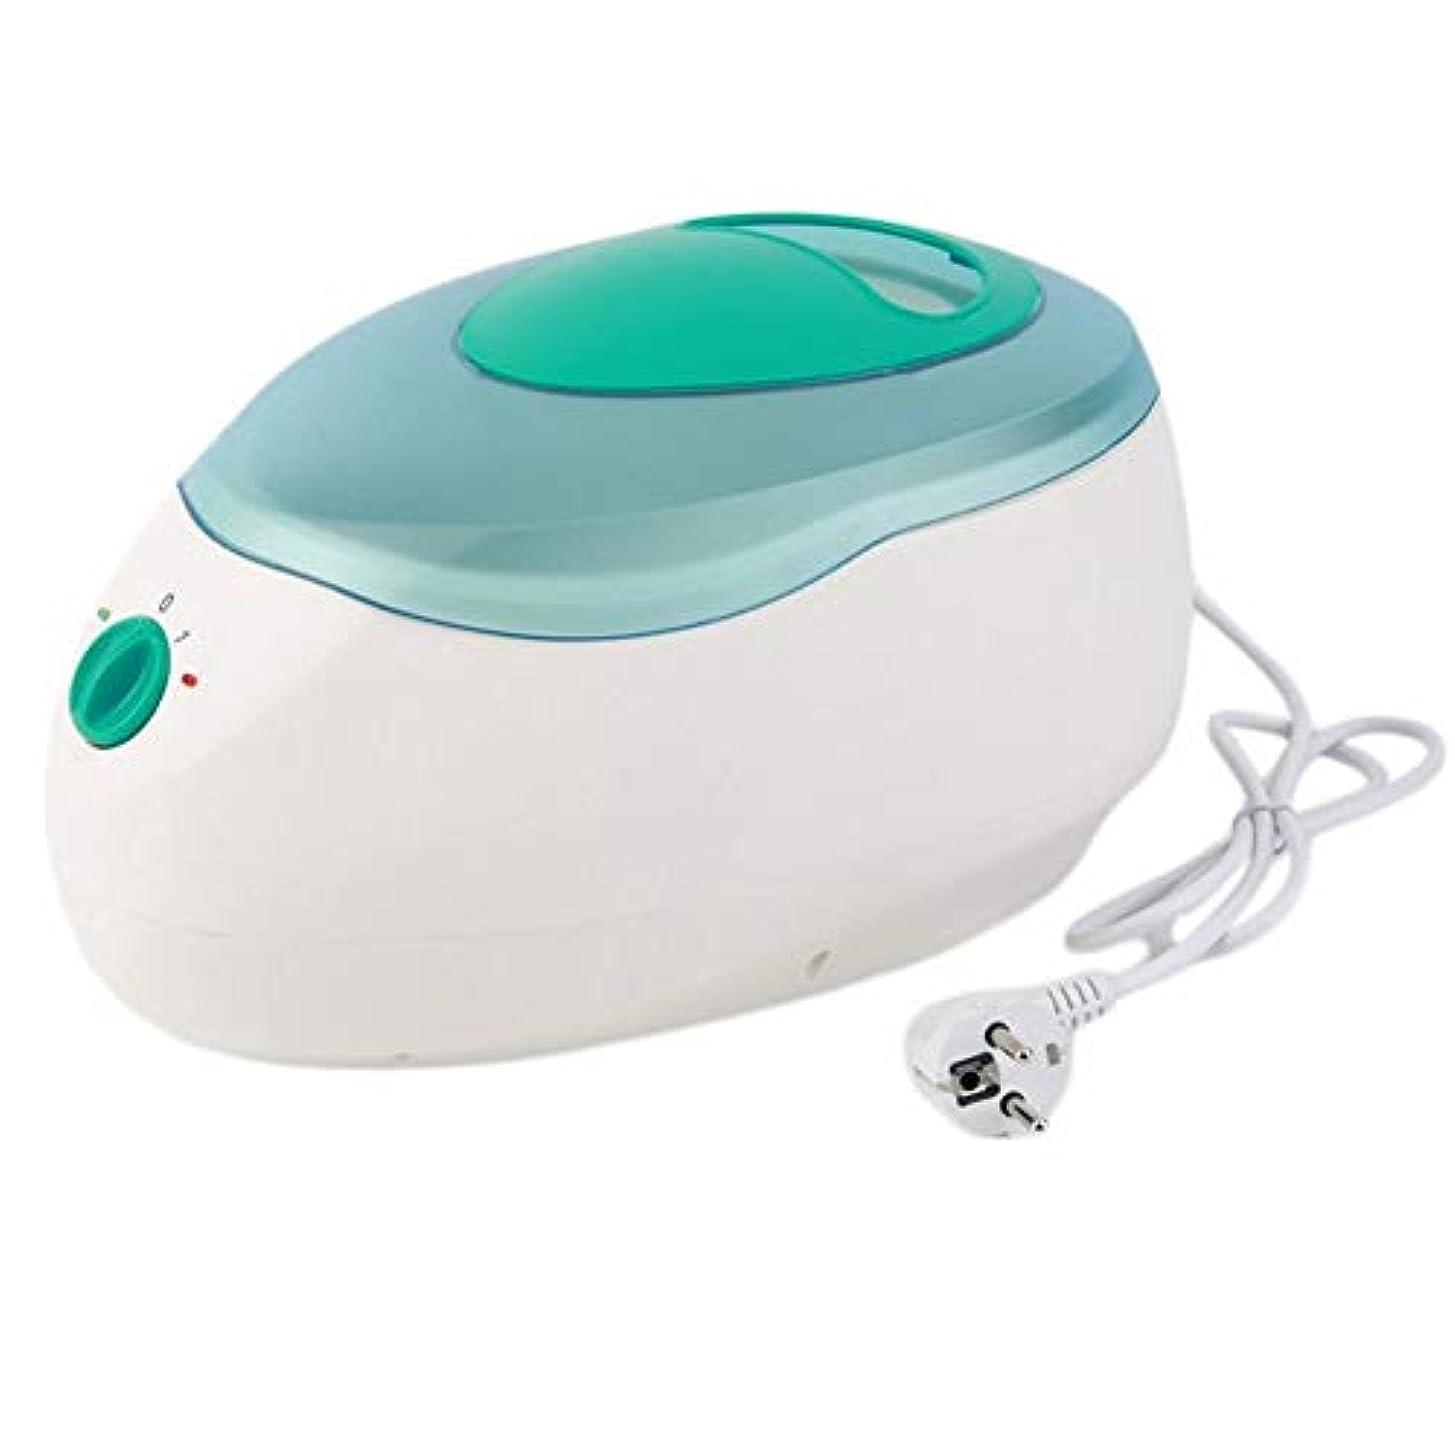 合併症保存する誰も手および足ボディワックスの毛の取り外しのためのワックス機械パラフィン療法の浴のワックスの鍋のウォーマーの美容院装置の鉱泉150W,グリーン